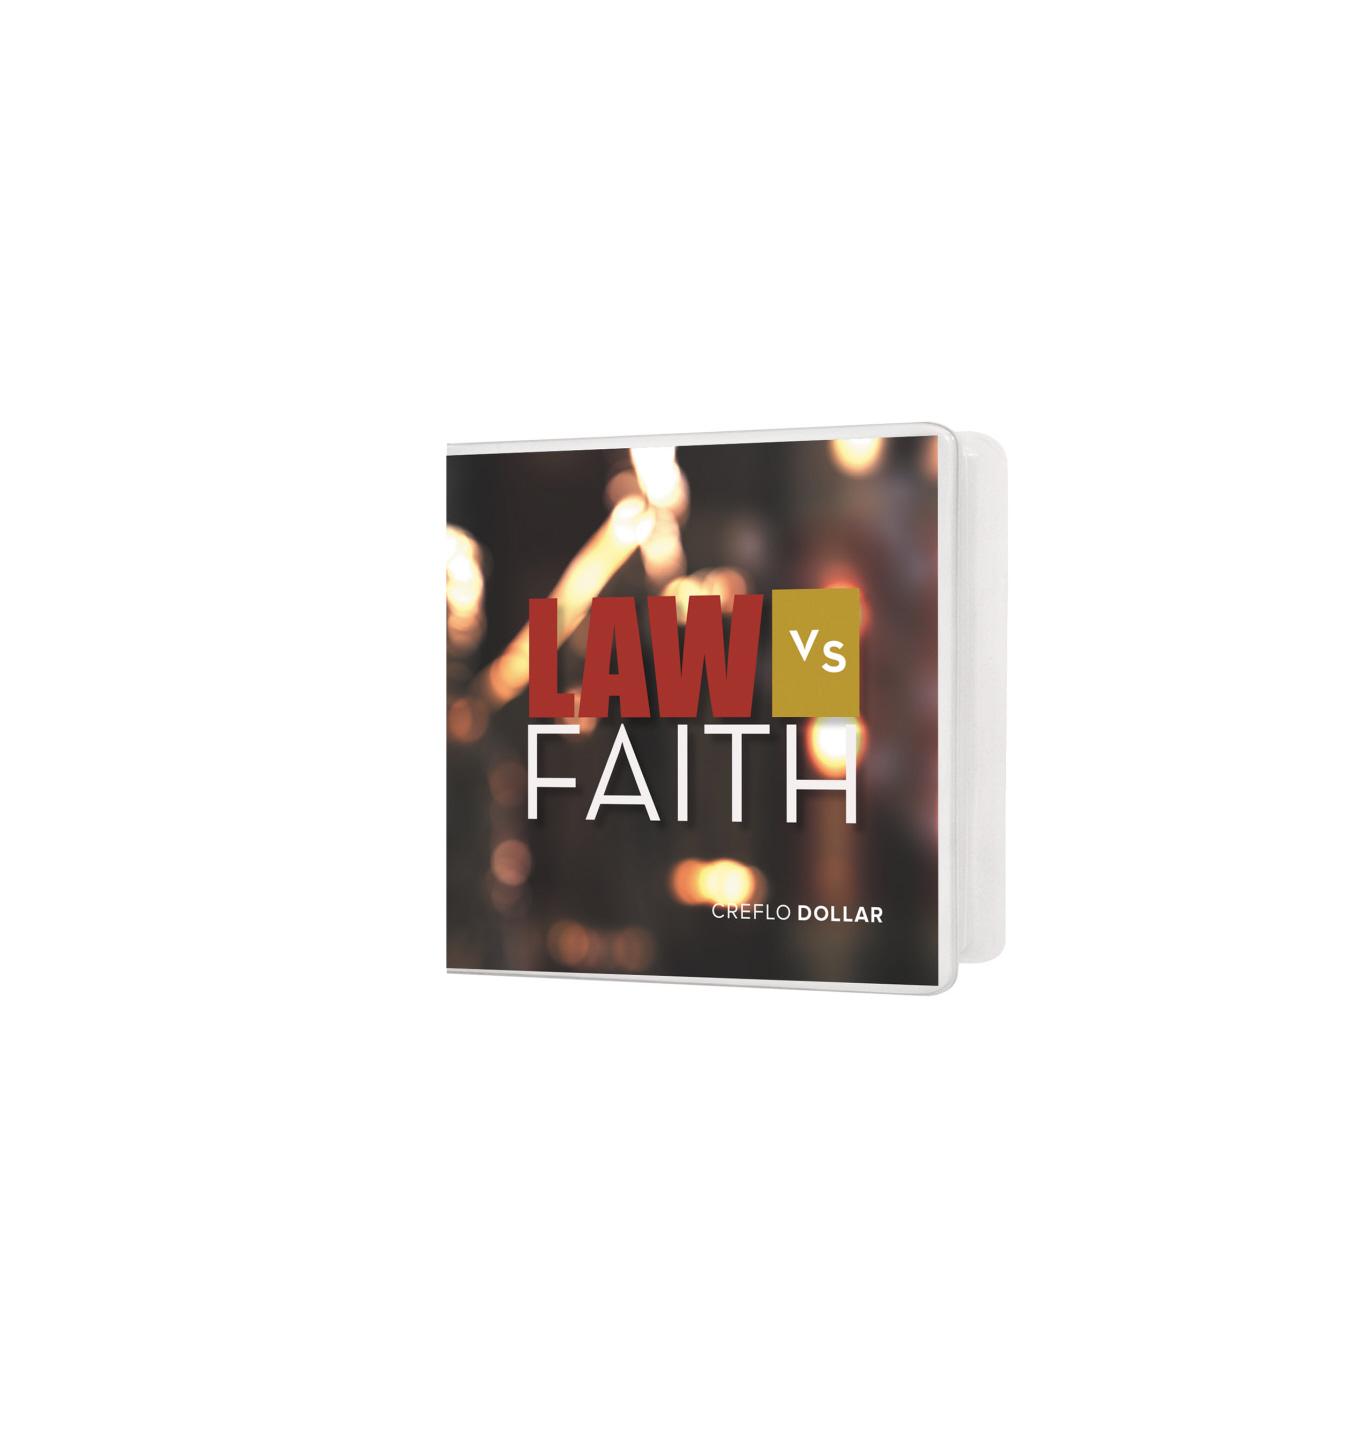 Law_vs_faith